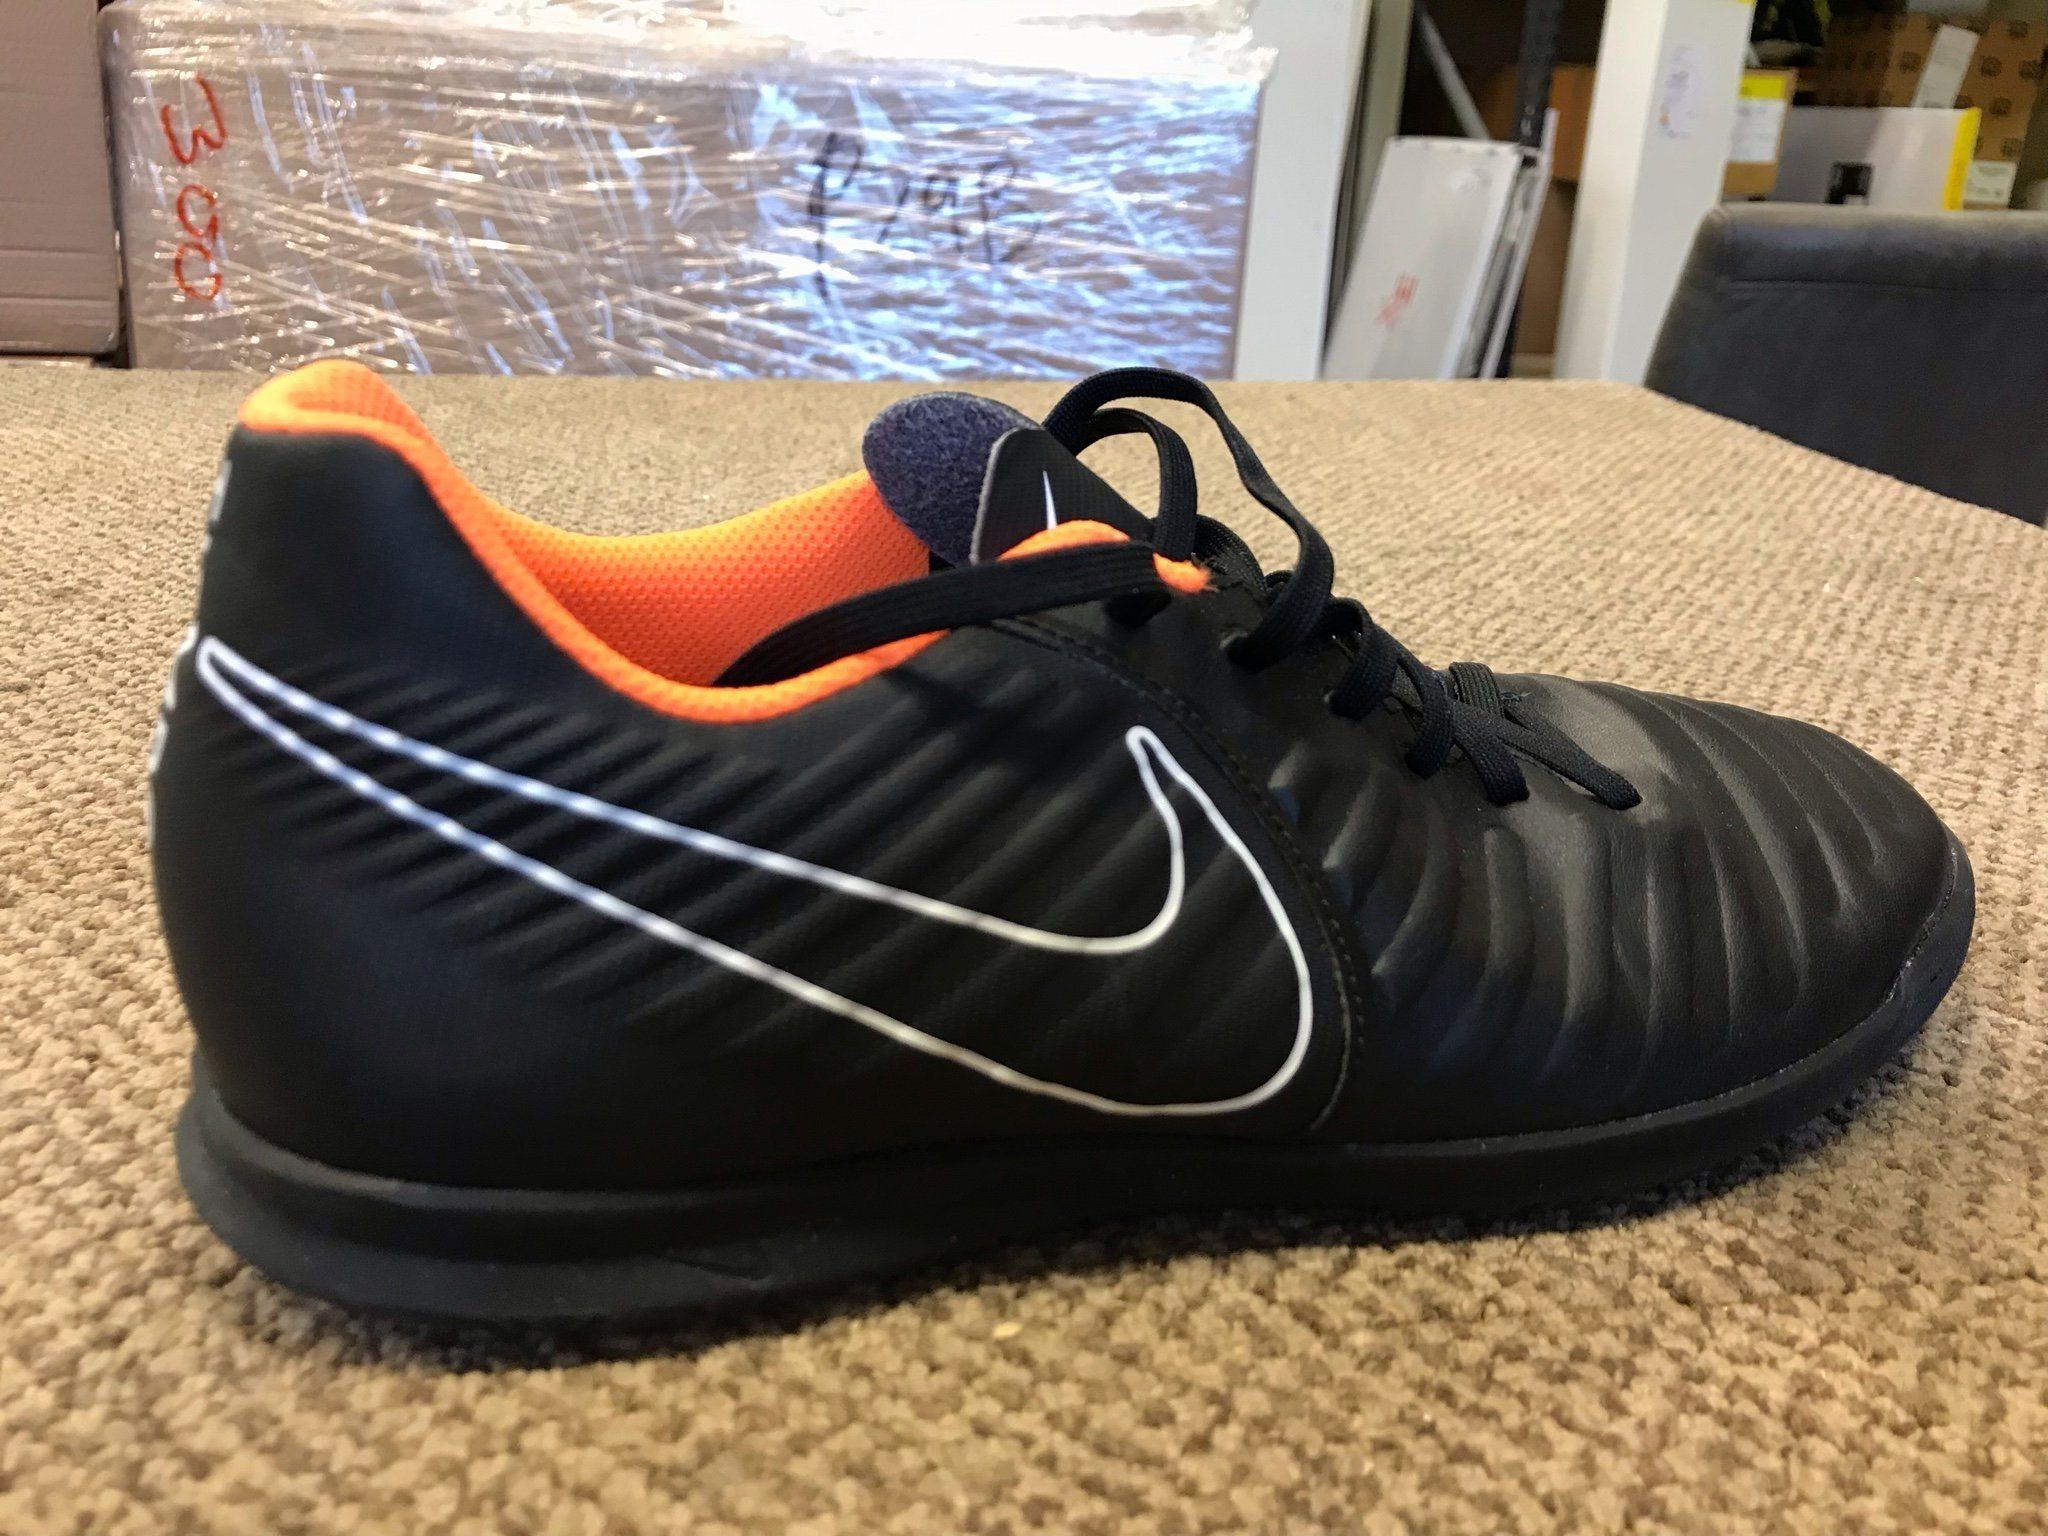 Nike Tiempo X - Fotbollsskor för inomhus (Strl .. (339193550) ᐈ Köp ... ab34c0254579c